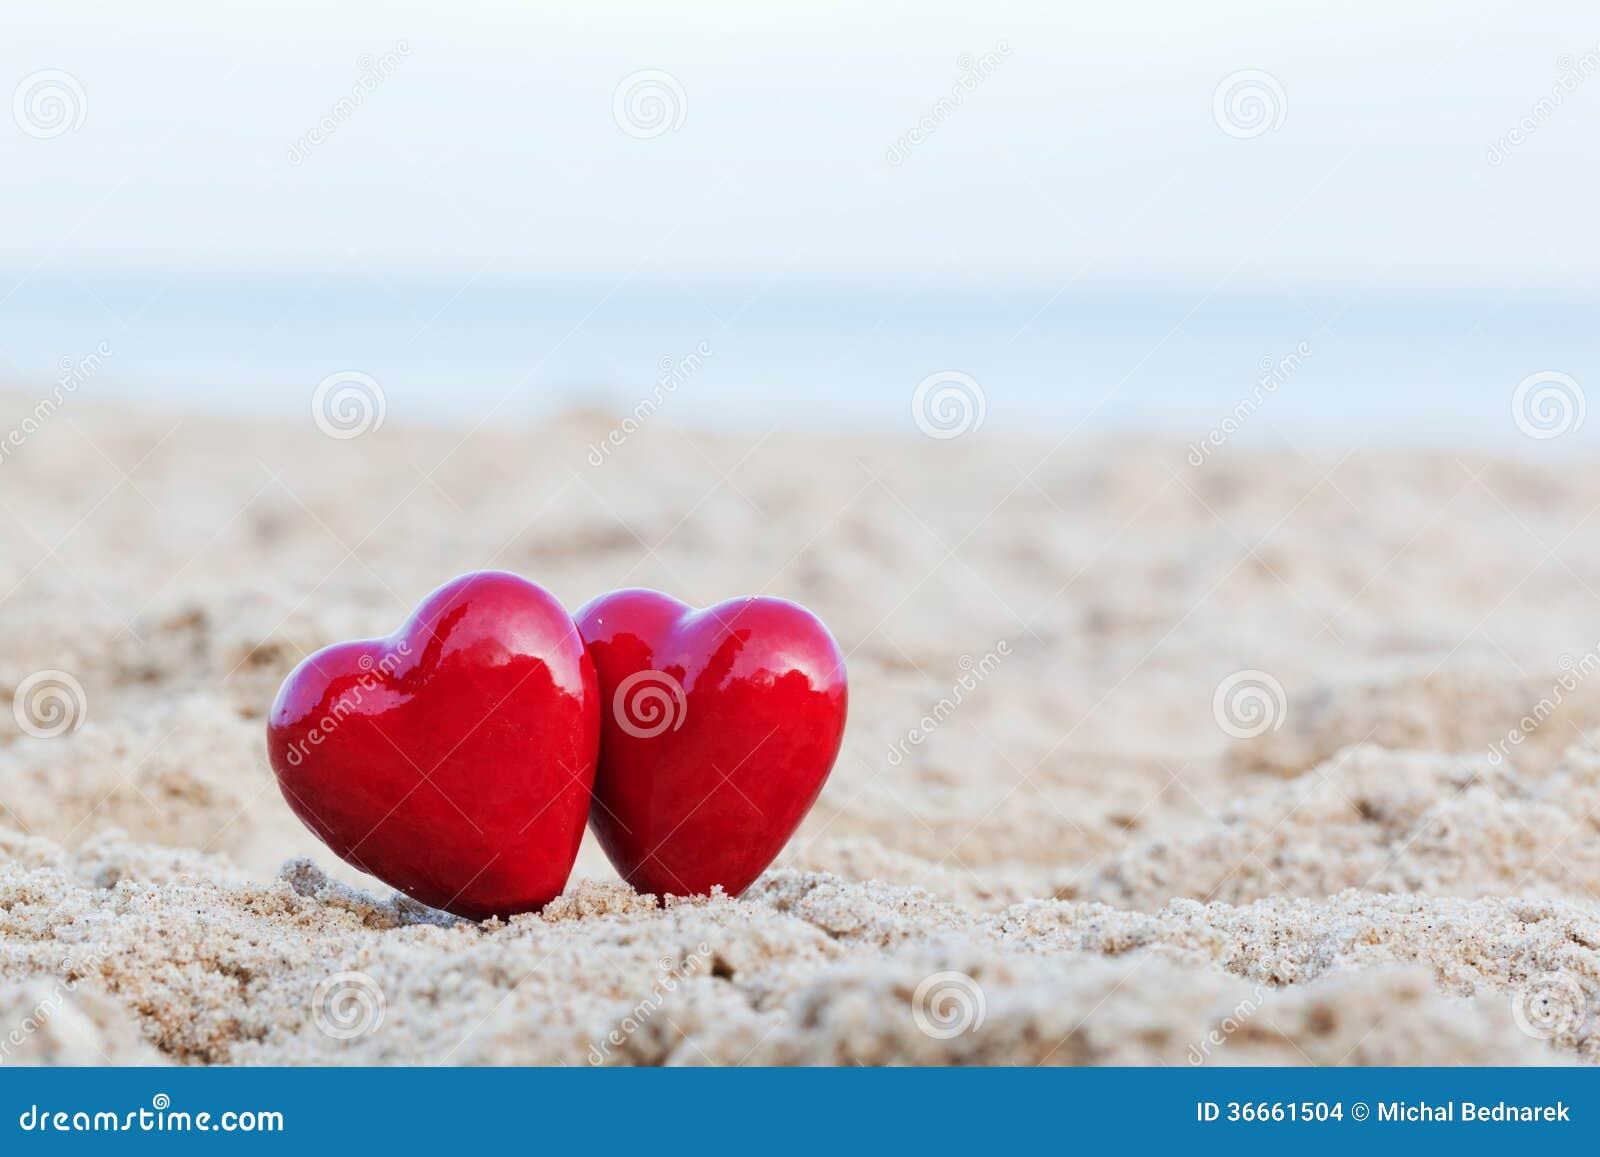 Deux coeurs rouges sur la plage. Amour